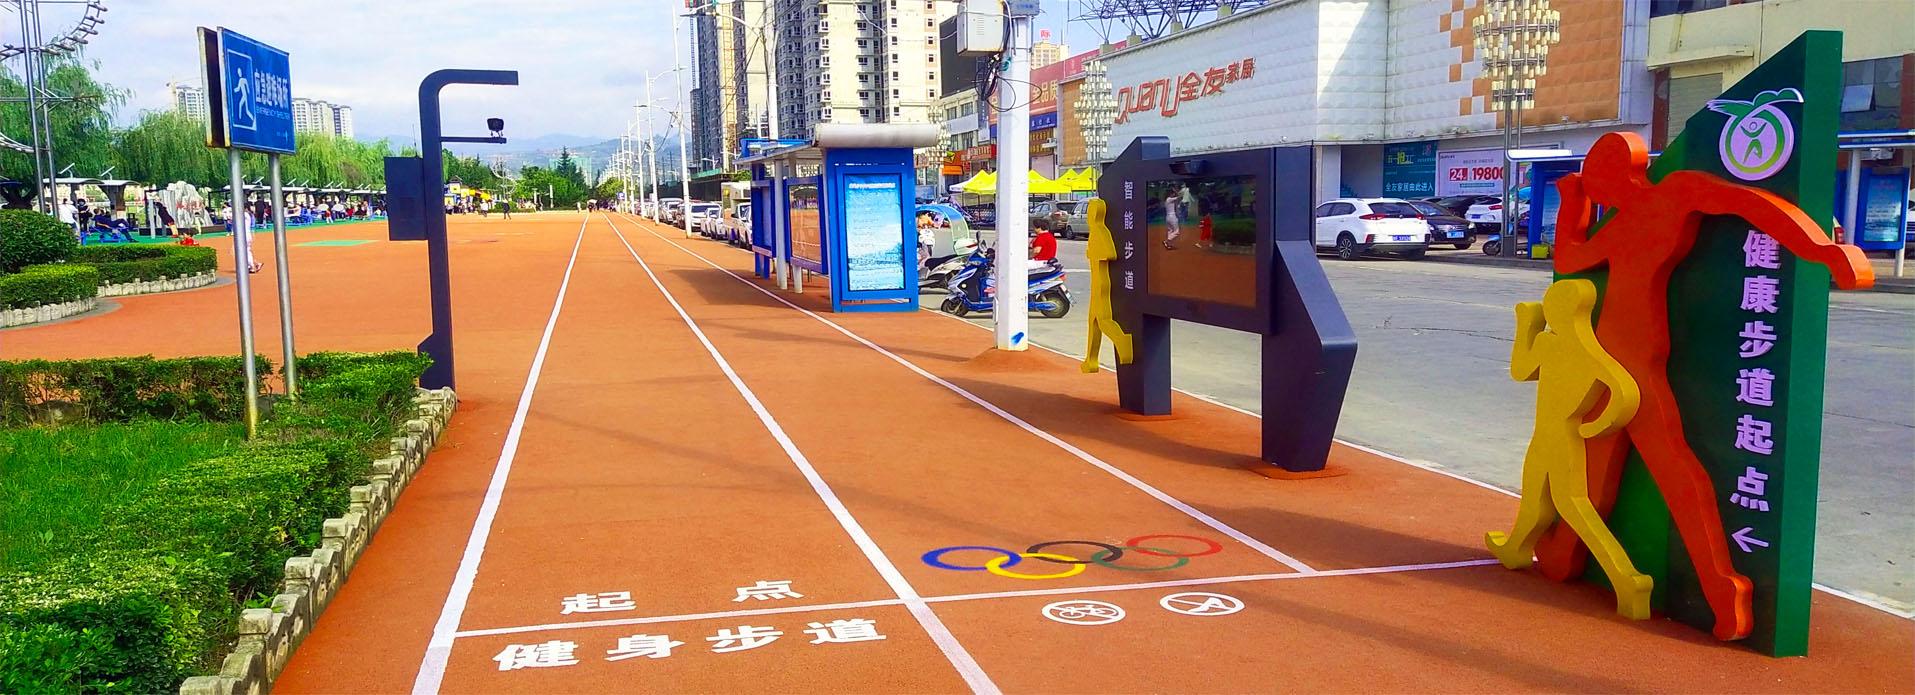 桂宇星 · 智慧體育公園